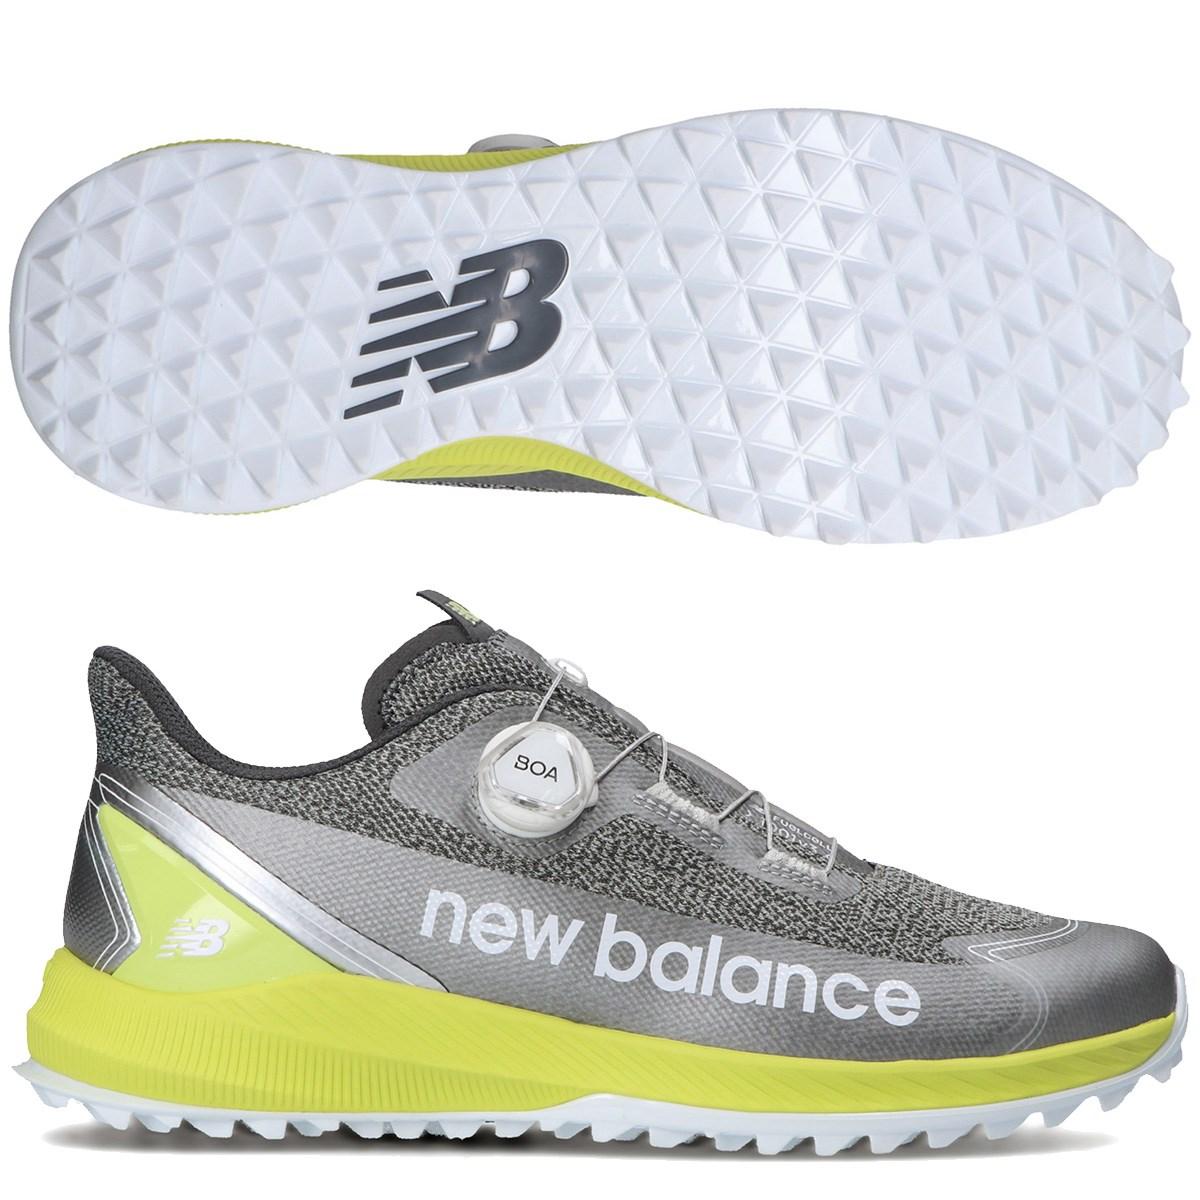 ニューバランス New Balance NSスパイクレスBOAシューズ MGS1001 24.5cm グレー